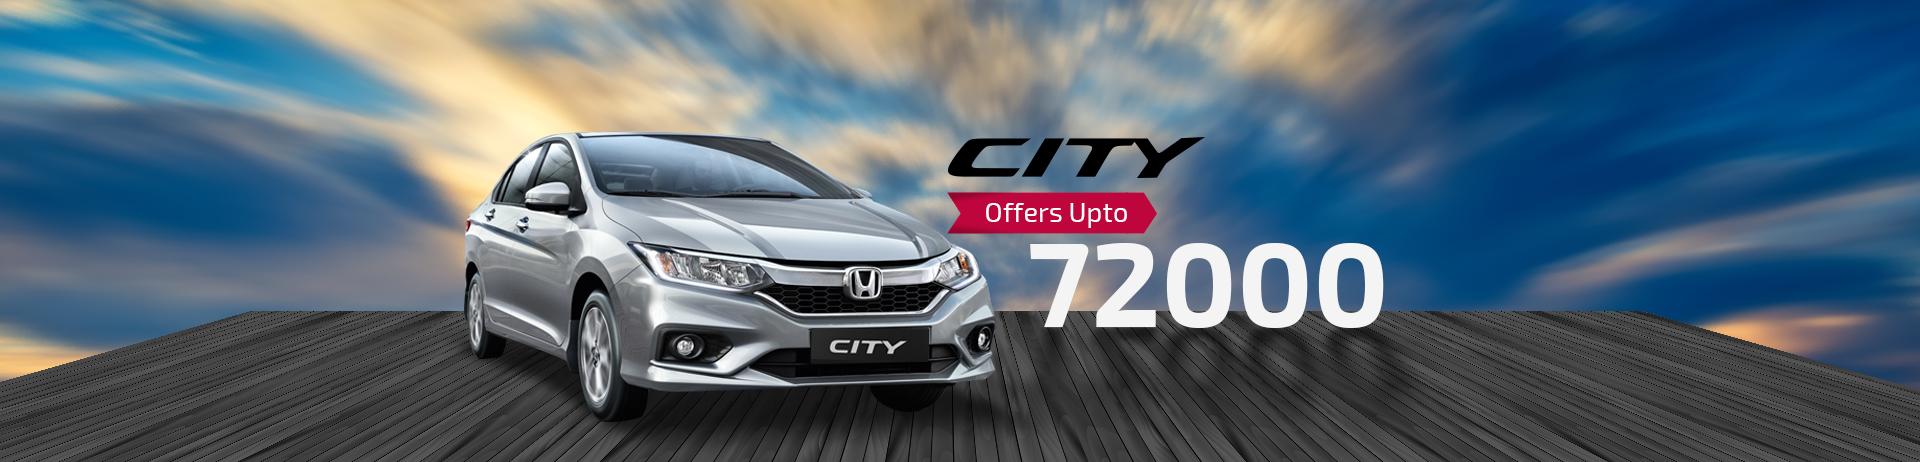 honda city offers